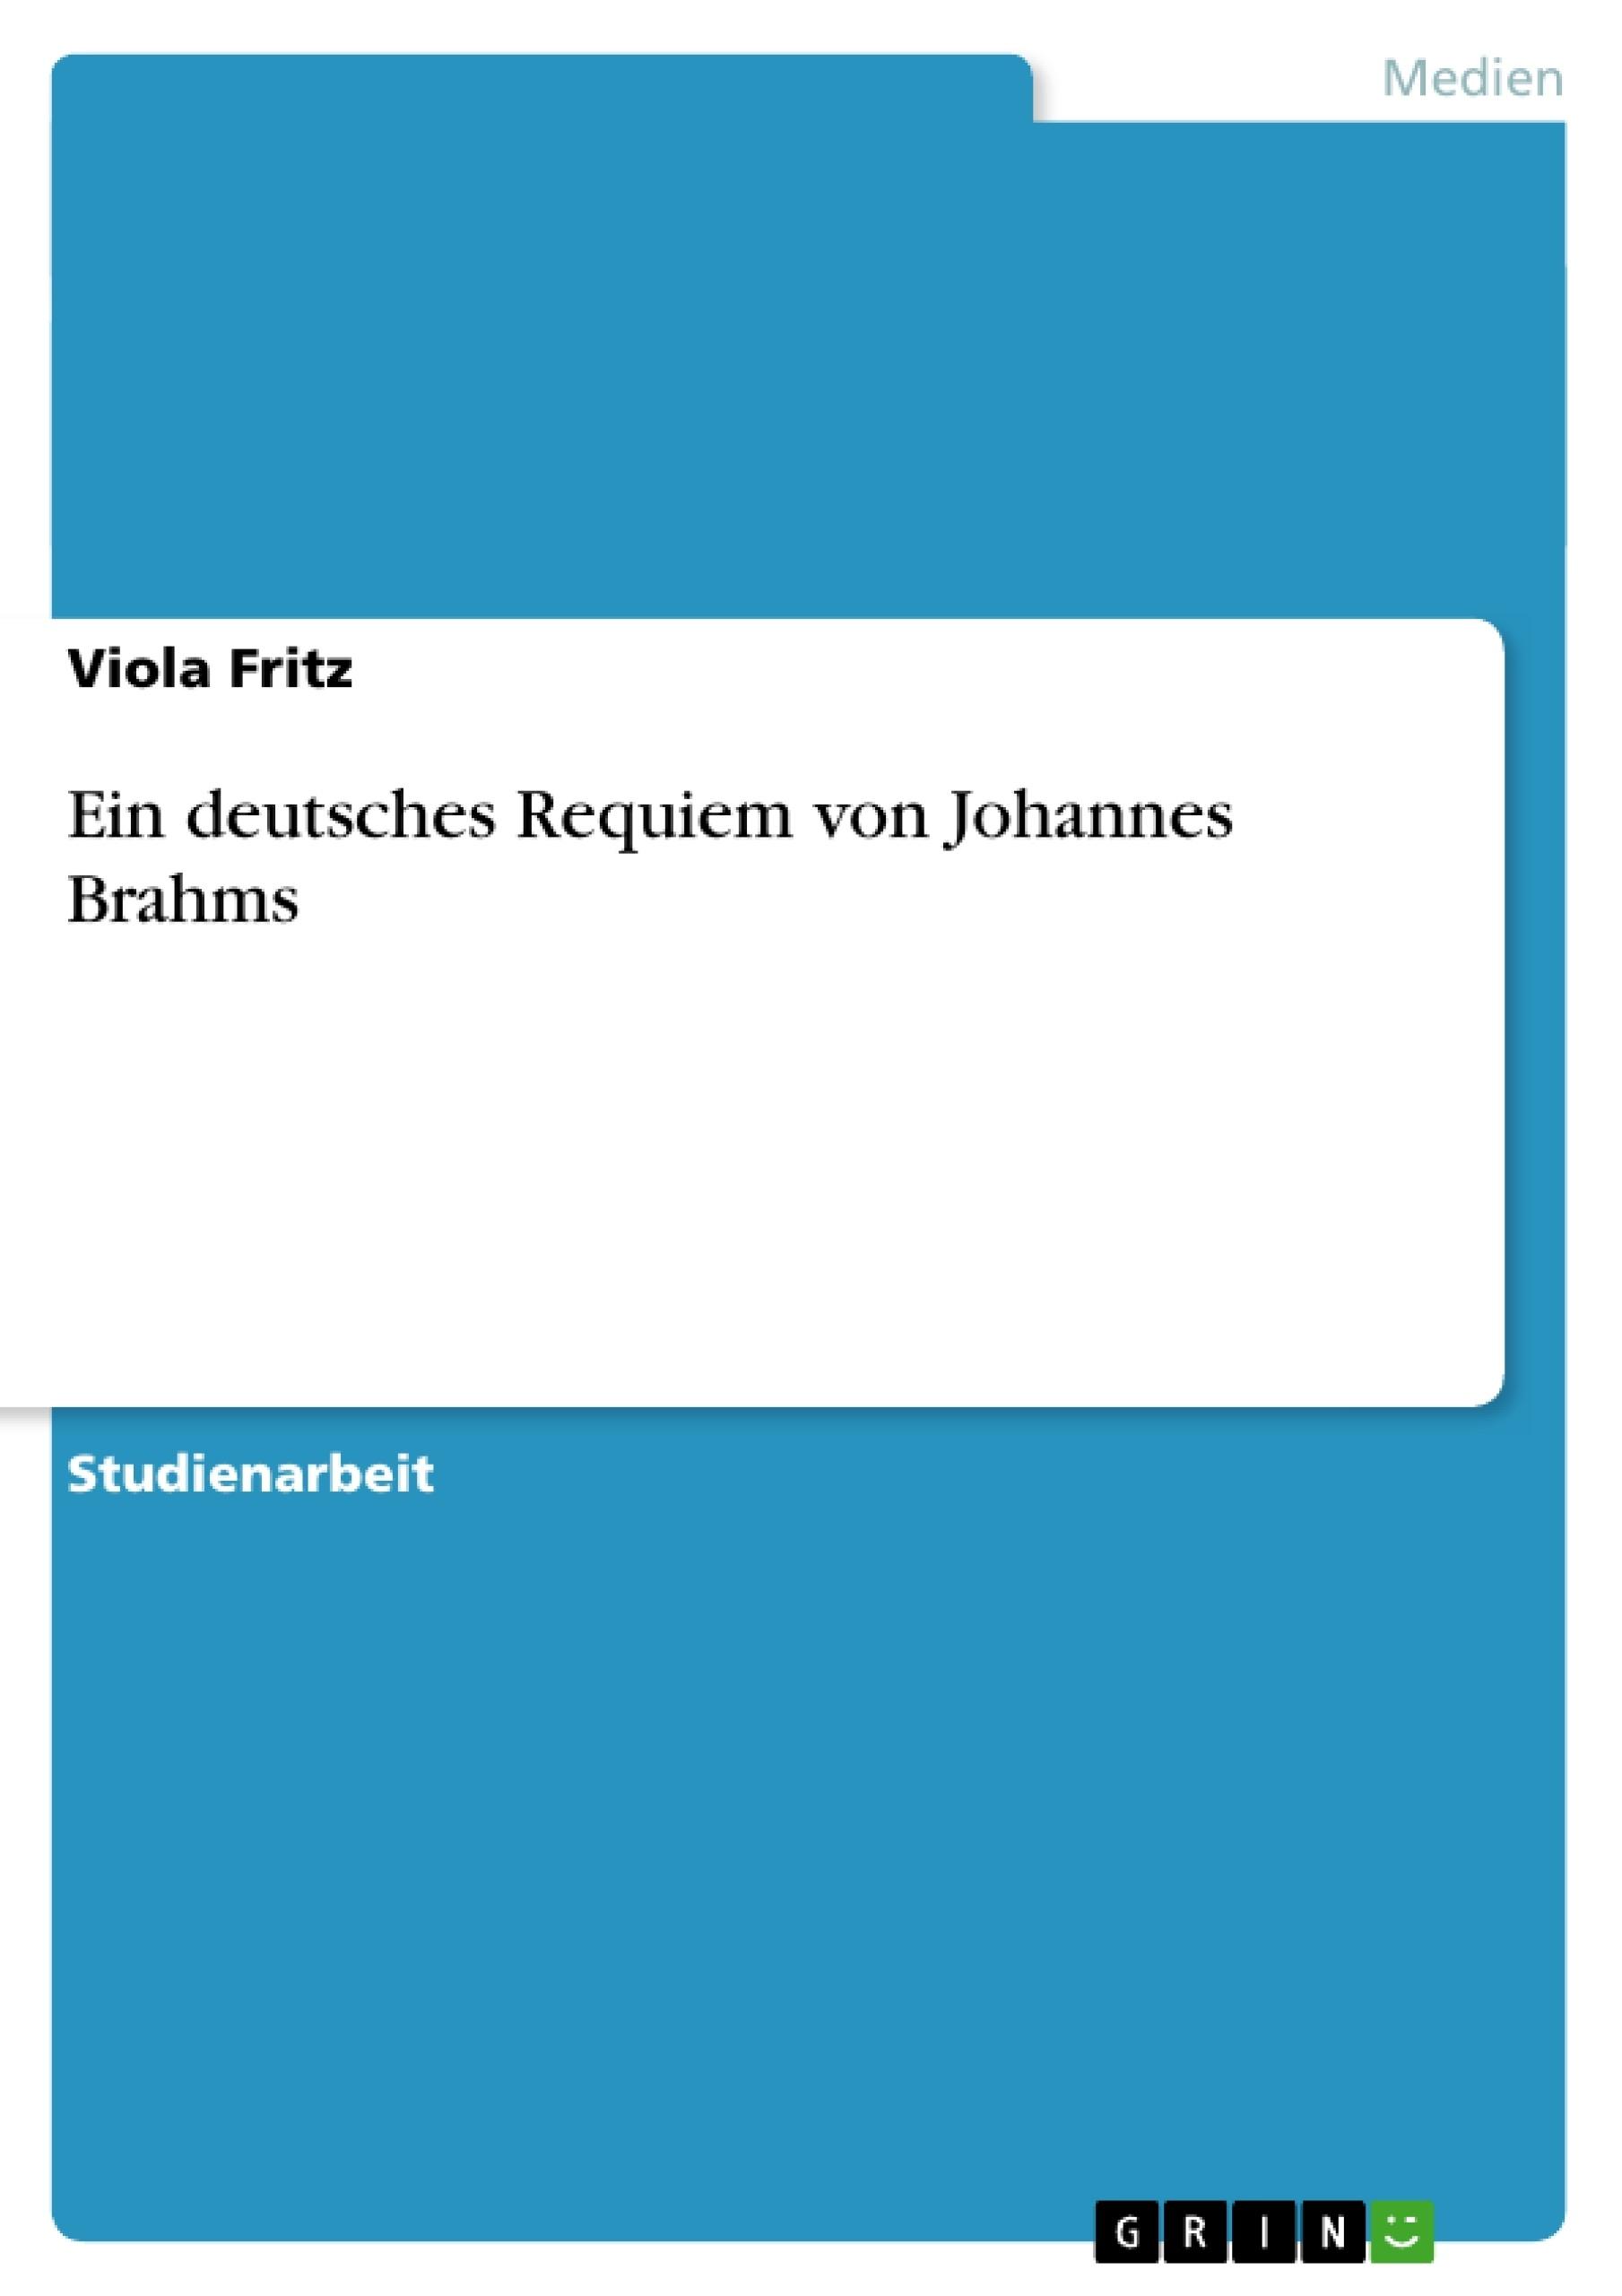 Titel: Ein deutsches Requiem von Johannes Brahms